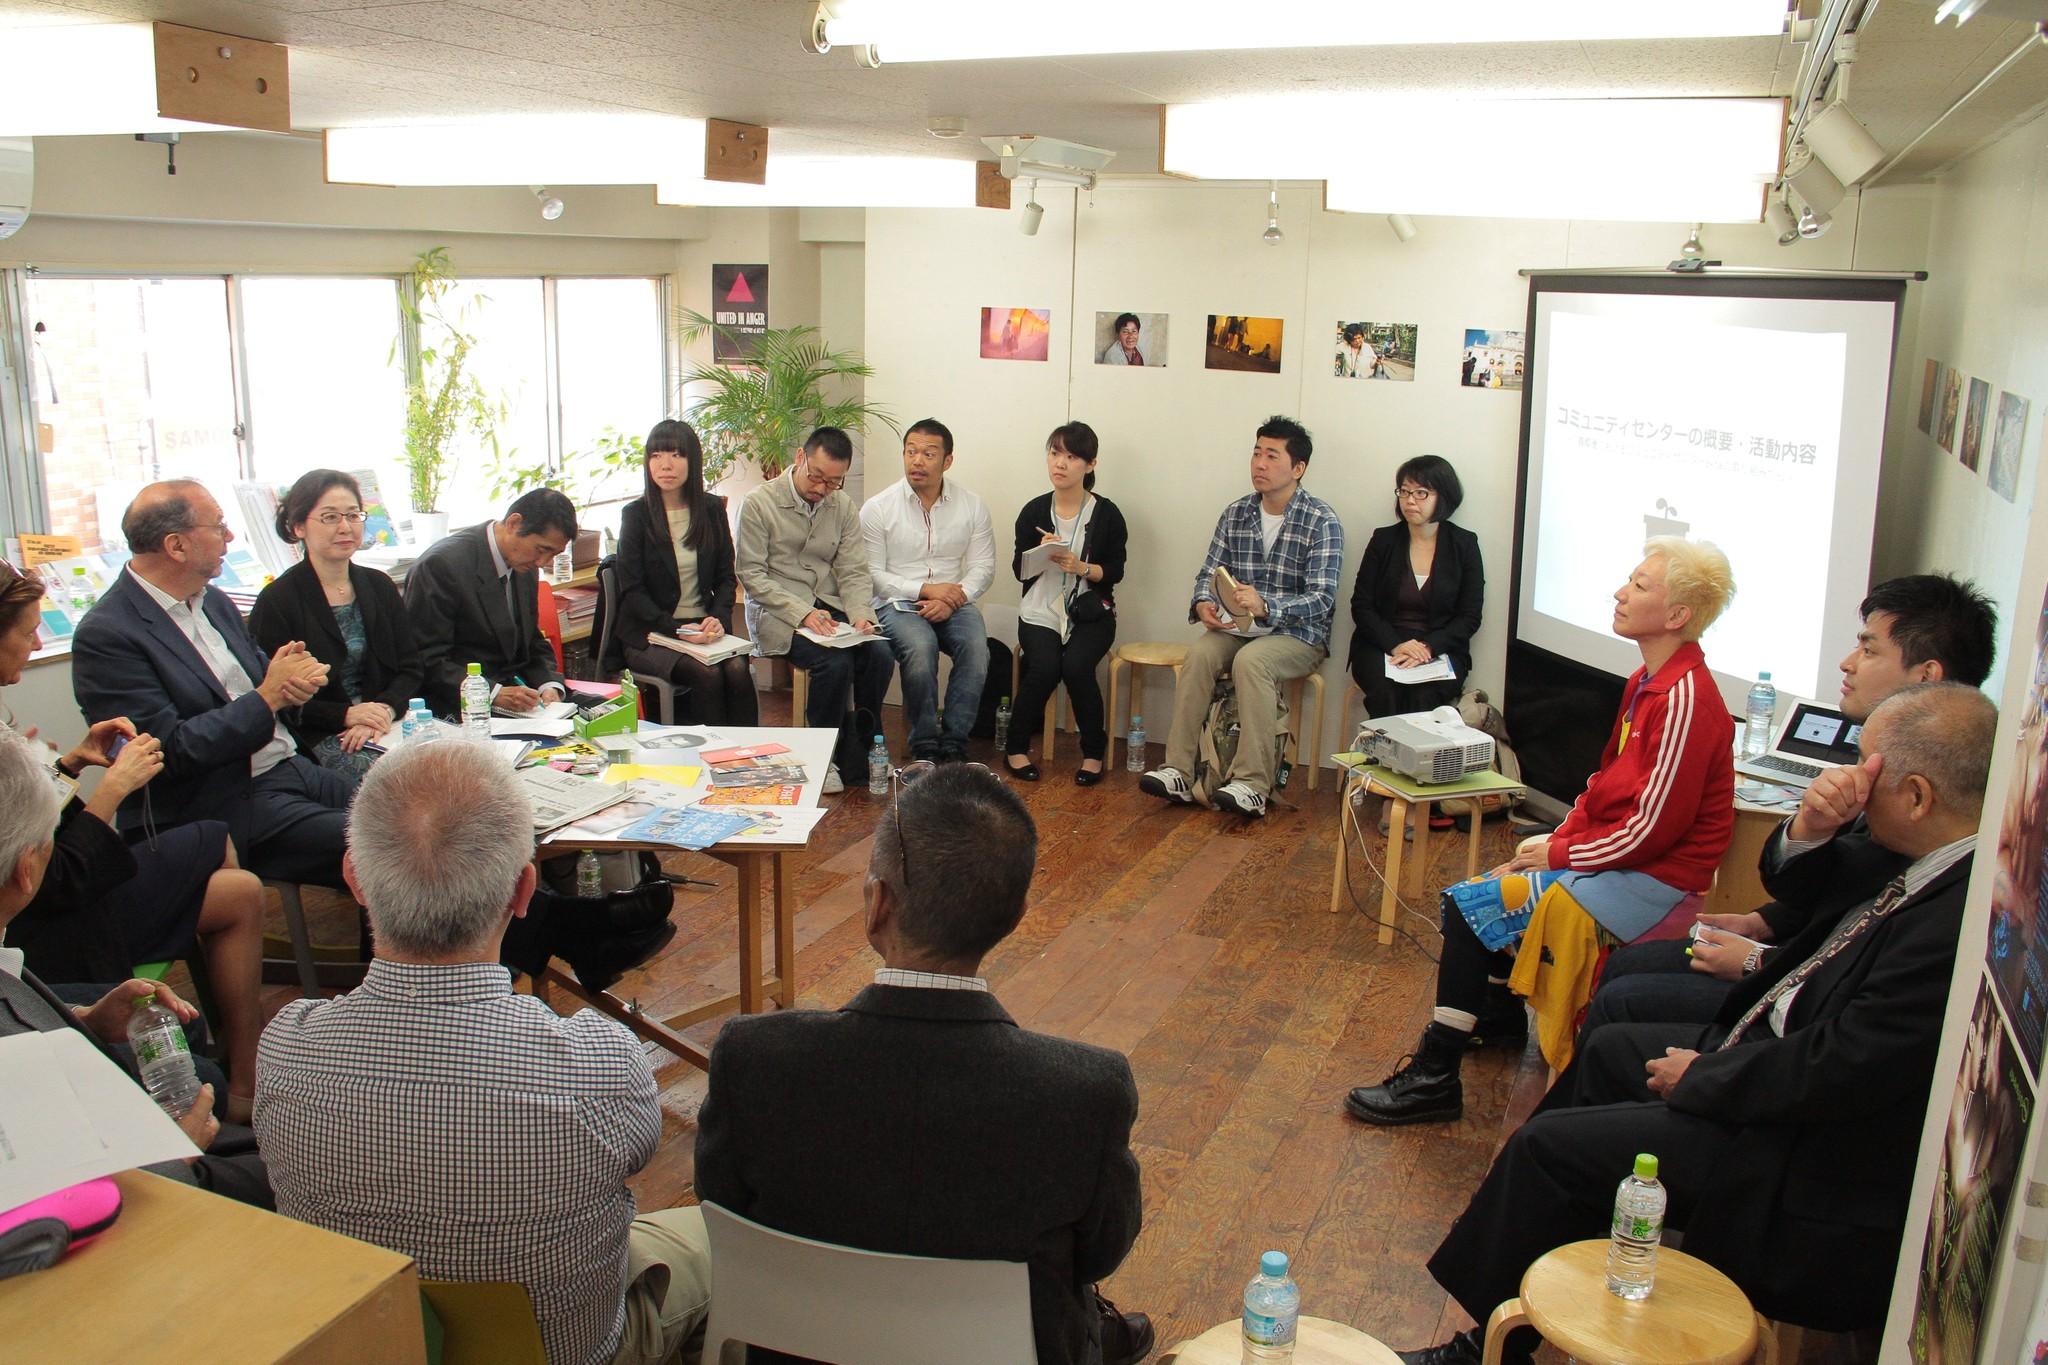 元国連合同エイズ計画事務局長のピーター・ピオット氏(左端)がaktaを訪問し、岩橋氏(右端)やLGBTコミュニティの人たち、研究者らと対話をしたこともあった。aktaとグローバルファンド日本委員会が共催=東京・新宿、©toboji